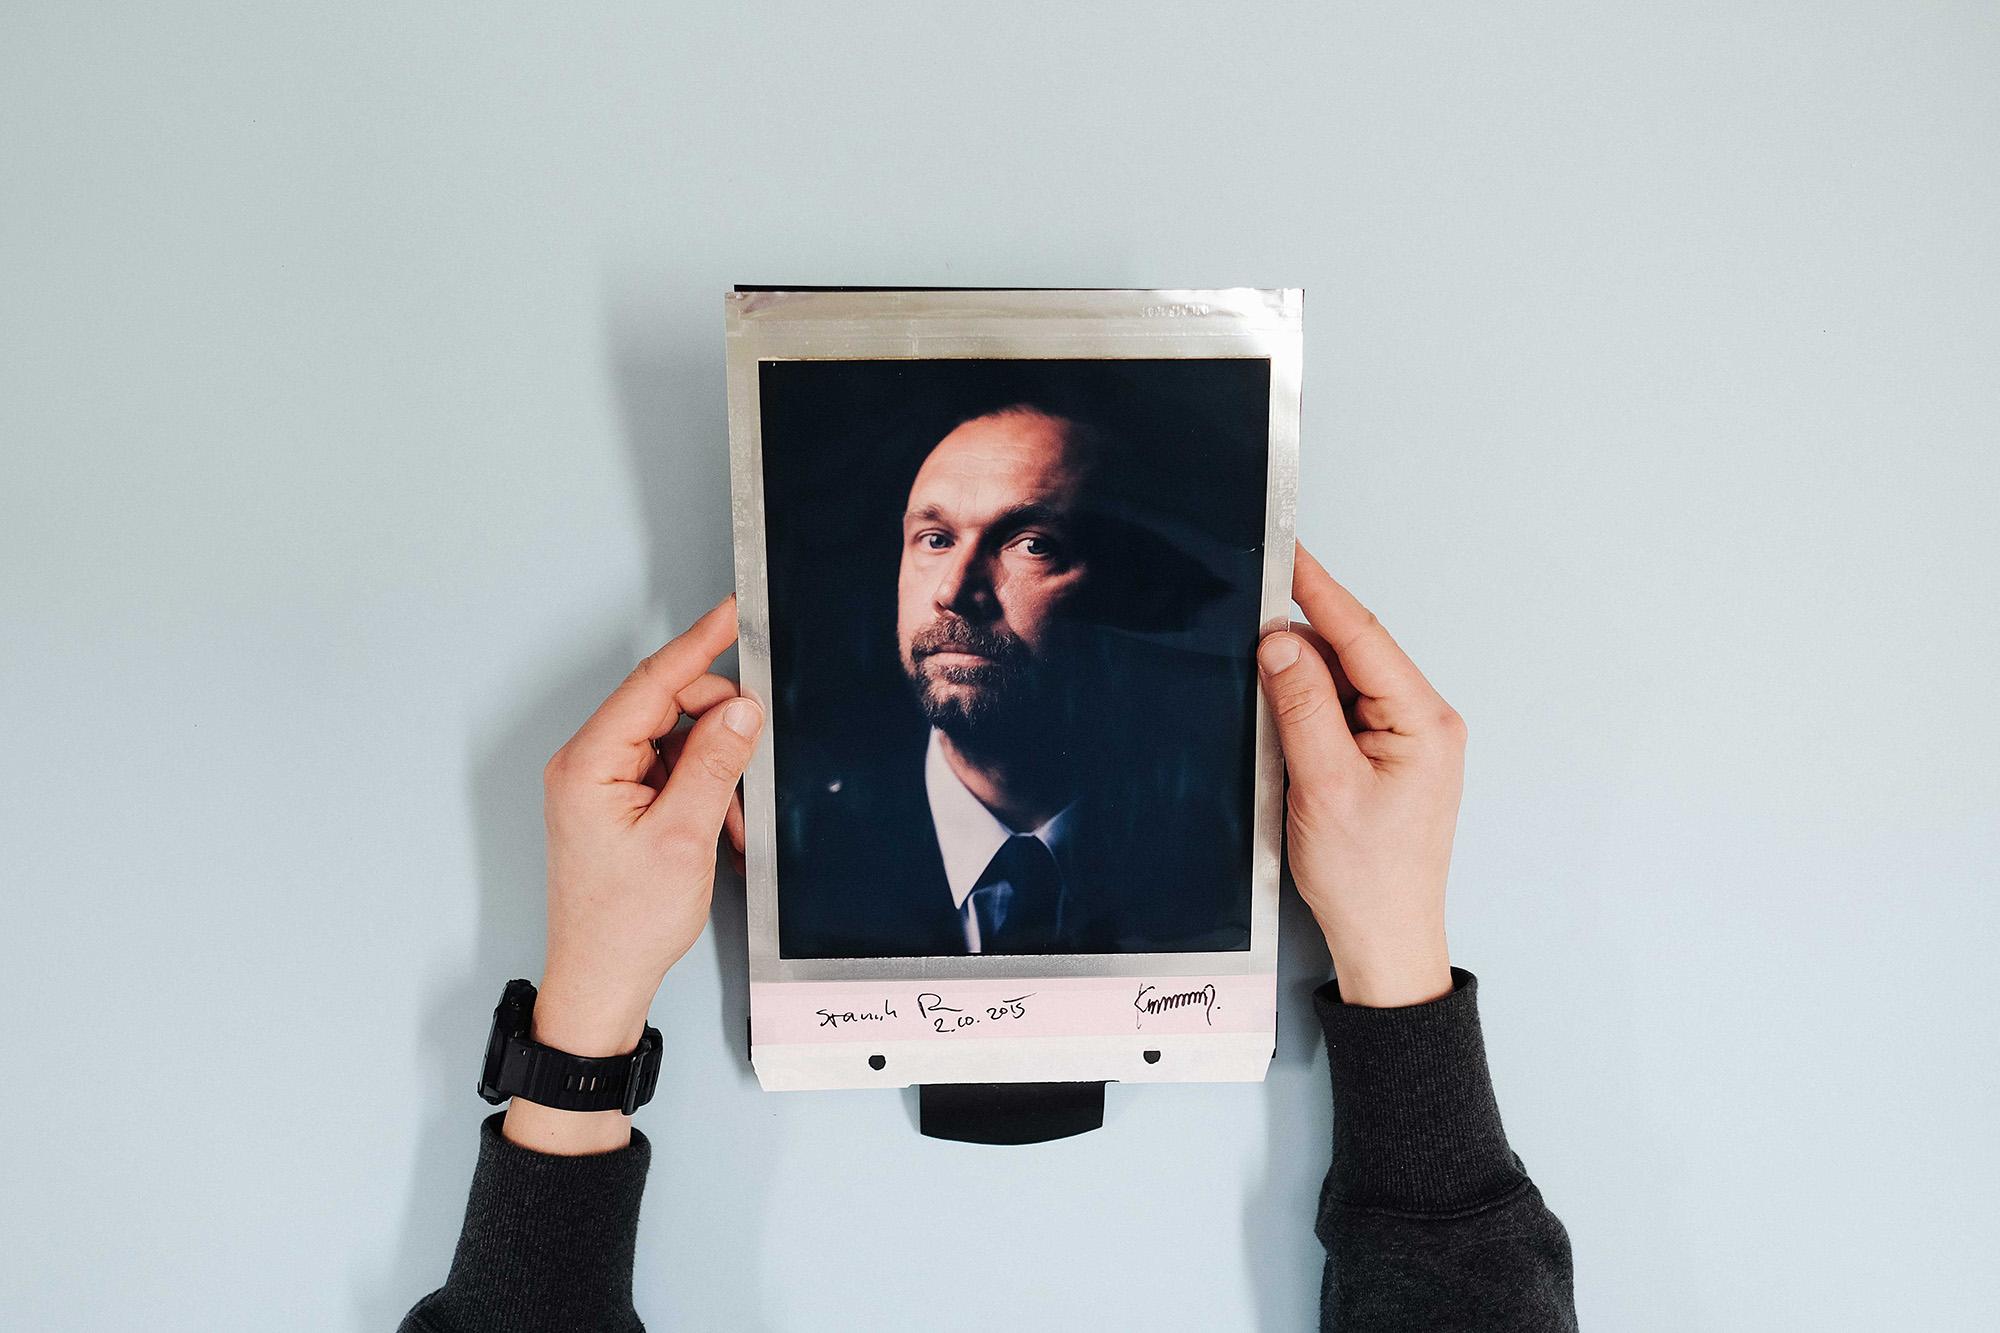 ZAUJALO NÁS: Svatební focení na velkoformátový Polaroid